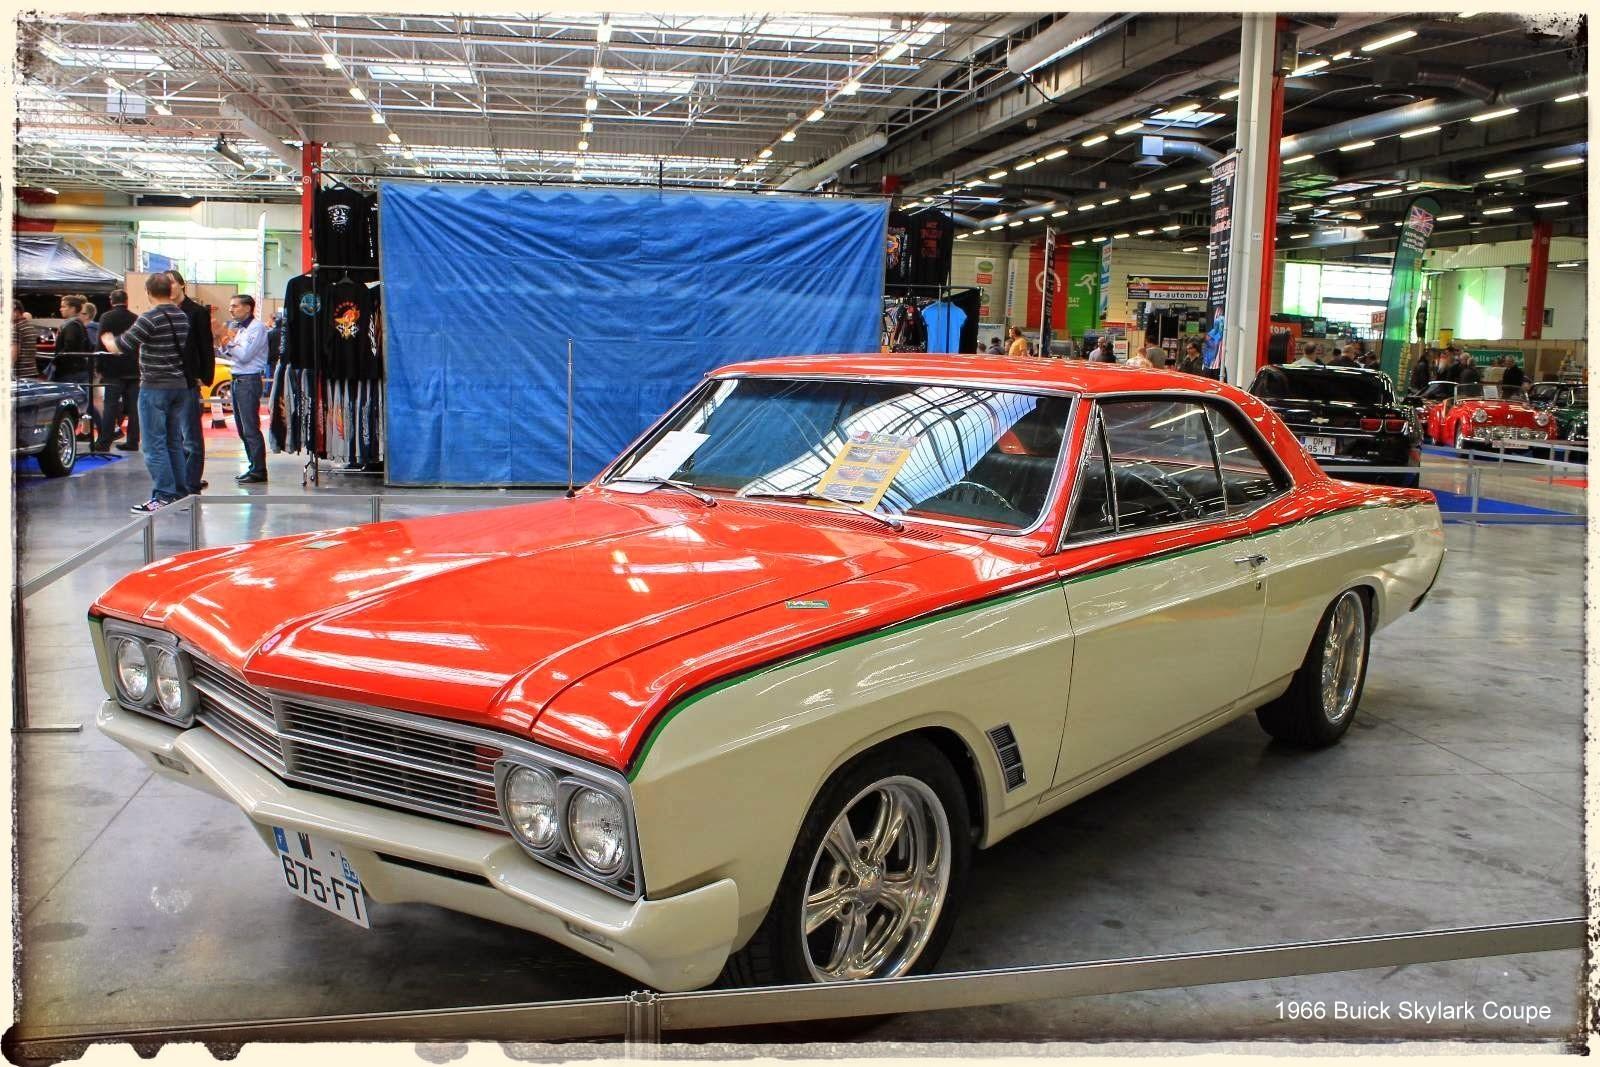 Automédon - 1966 Buick Skylark Coupe